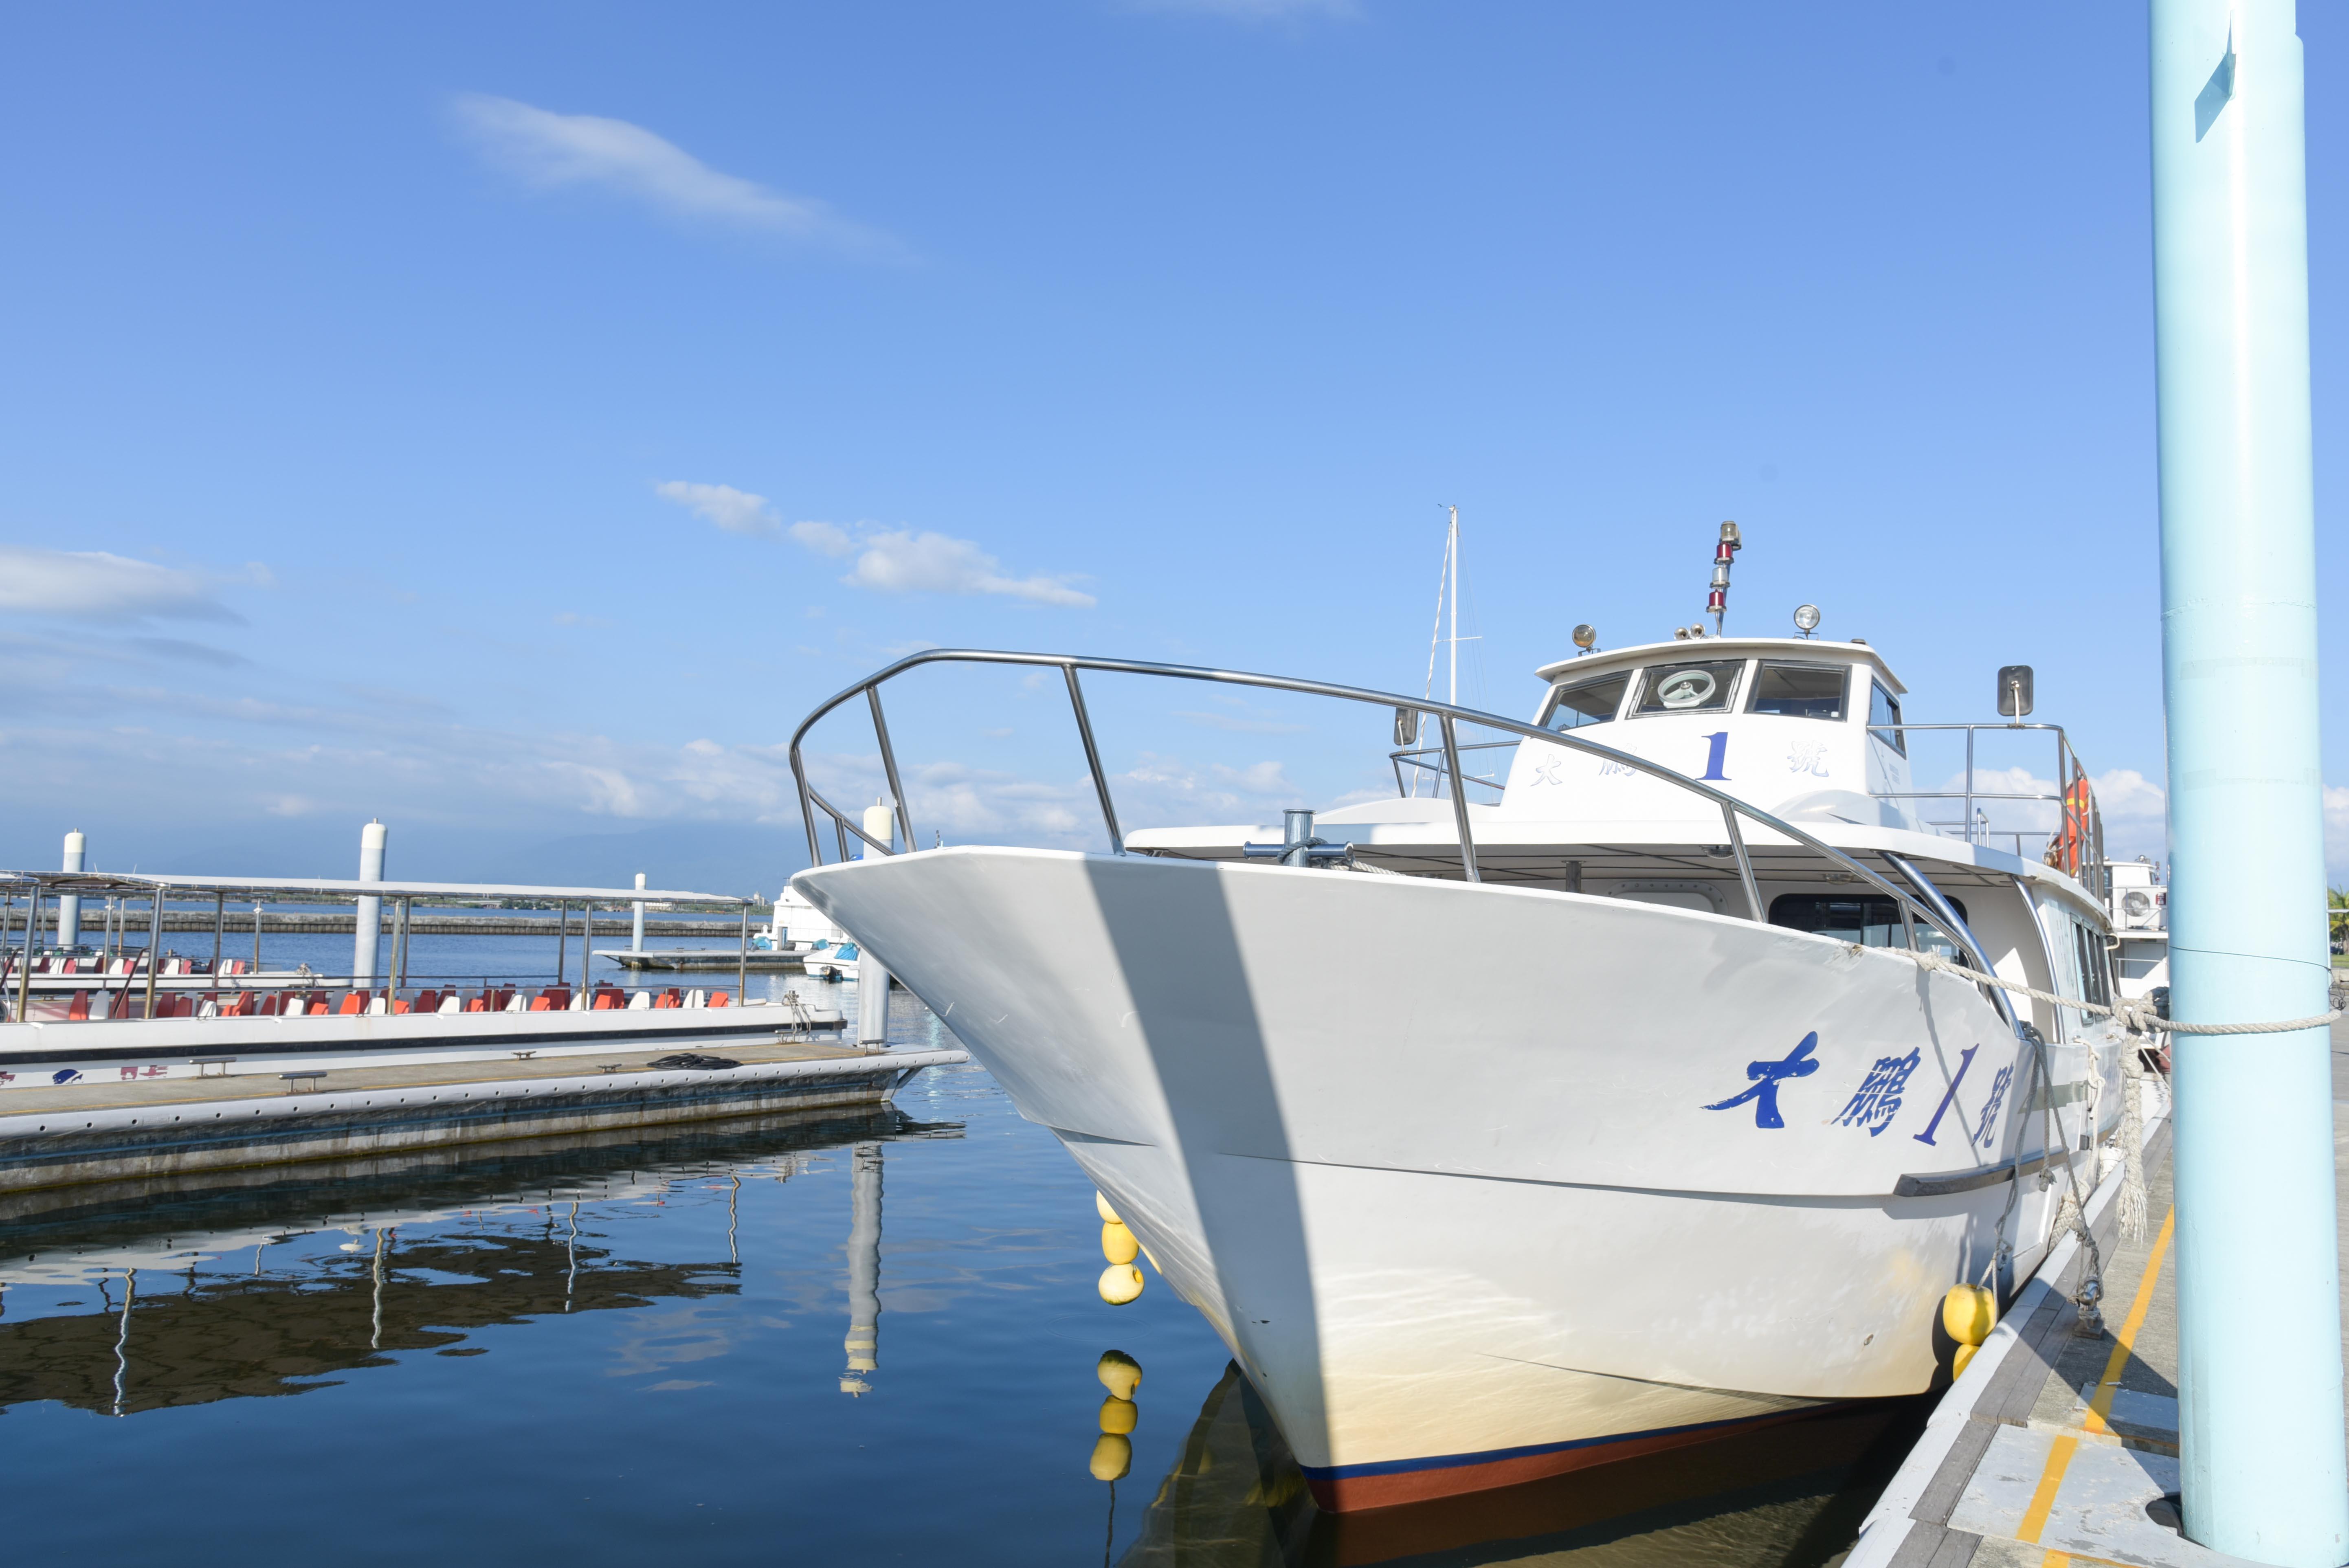 濱湾公園の遊覧船の外観